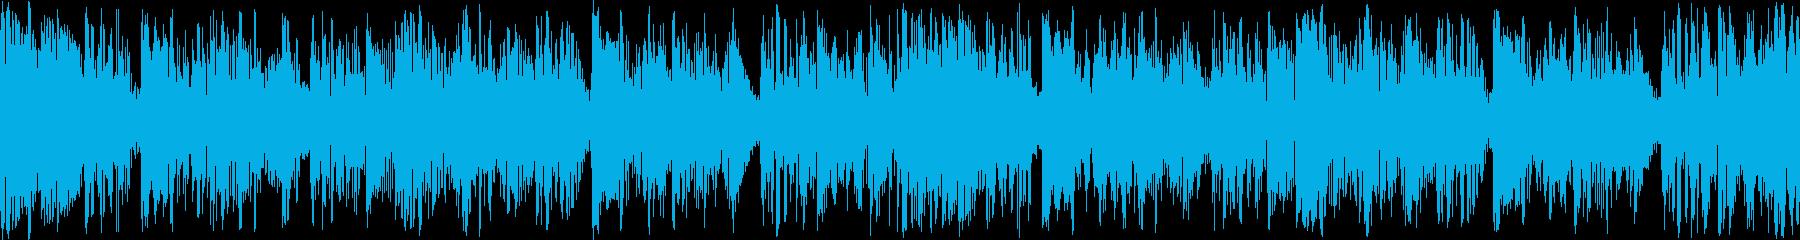 緊迫感のある4つ打ちループBGMの再生済みの波形